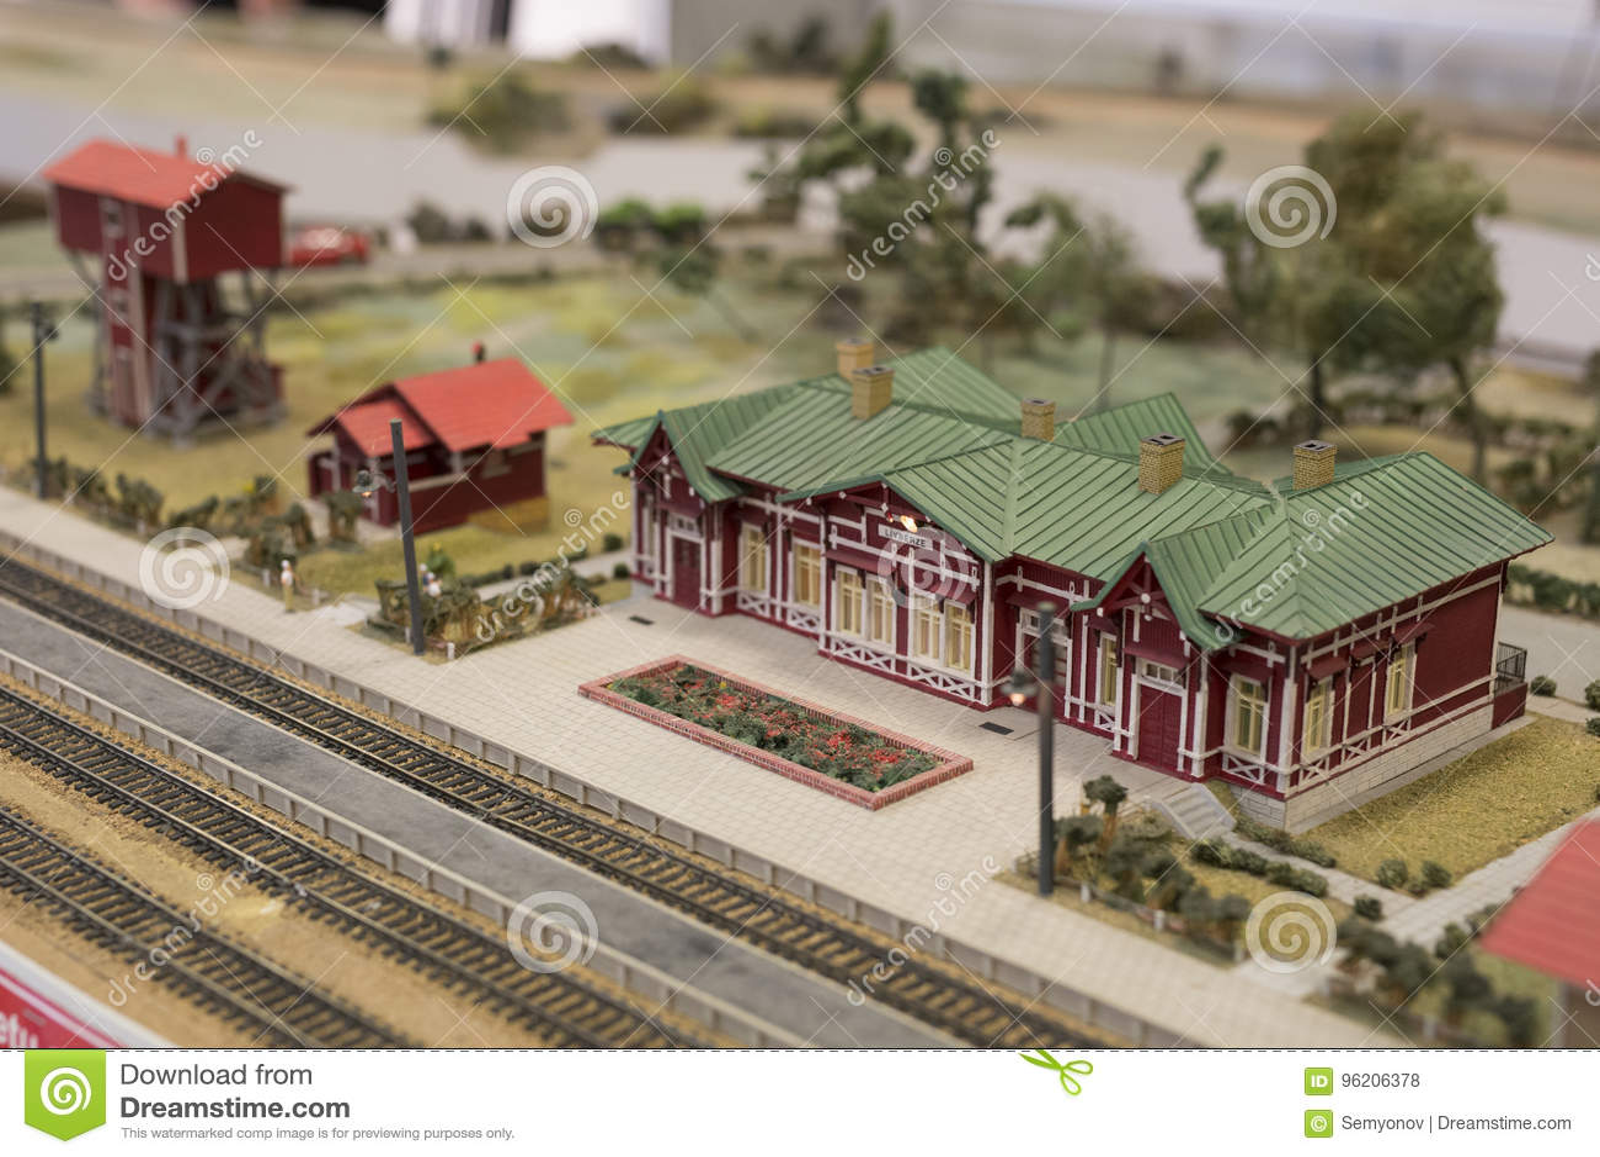 Miniatuur van station Model van retro spoorwegpost